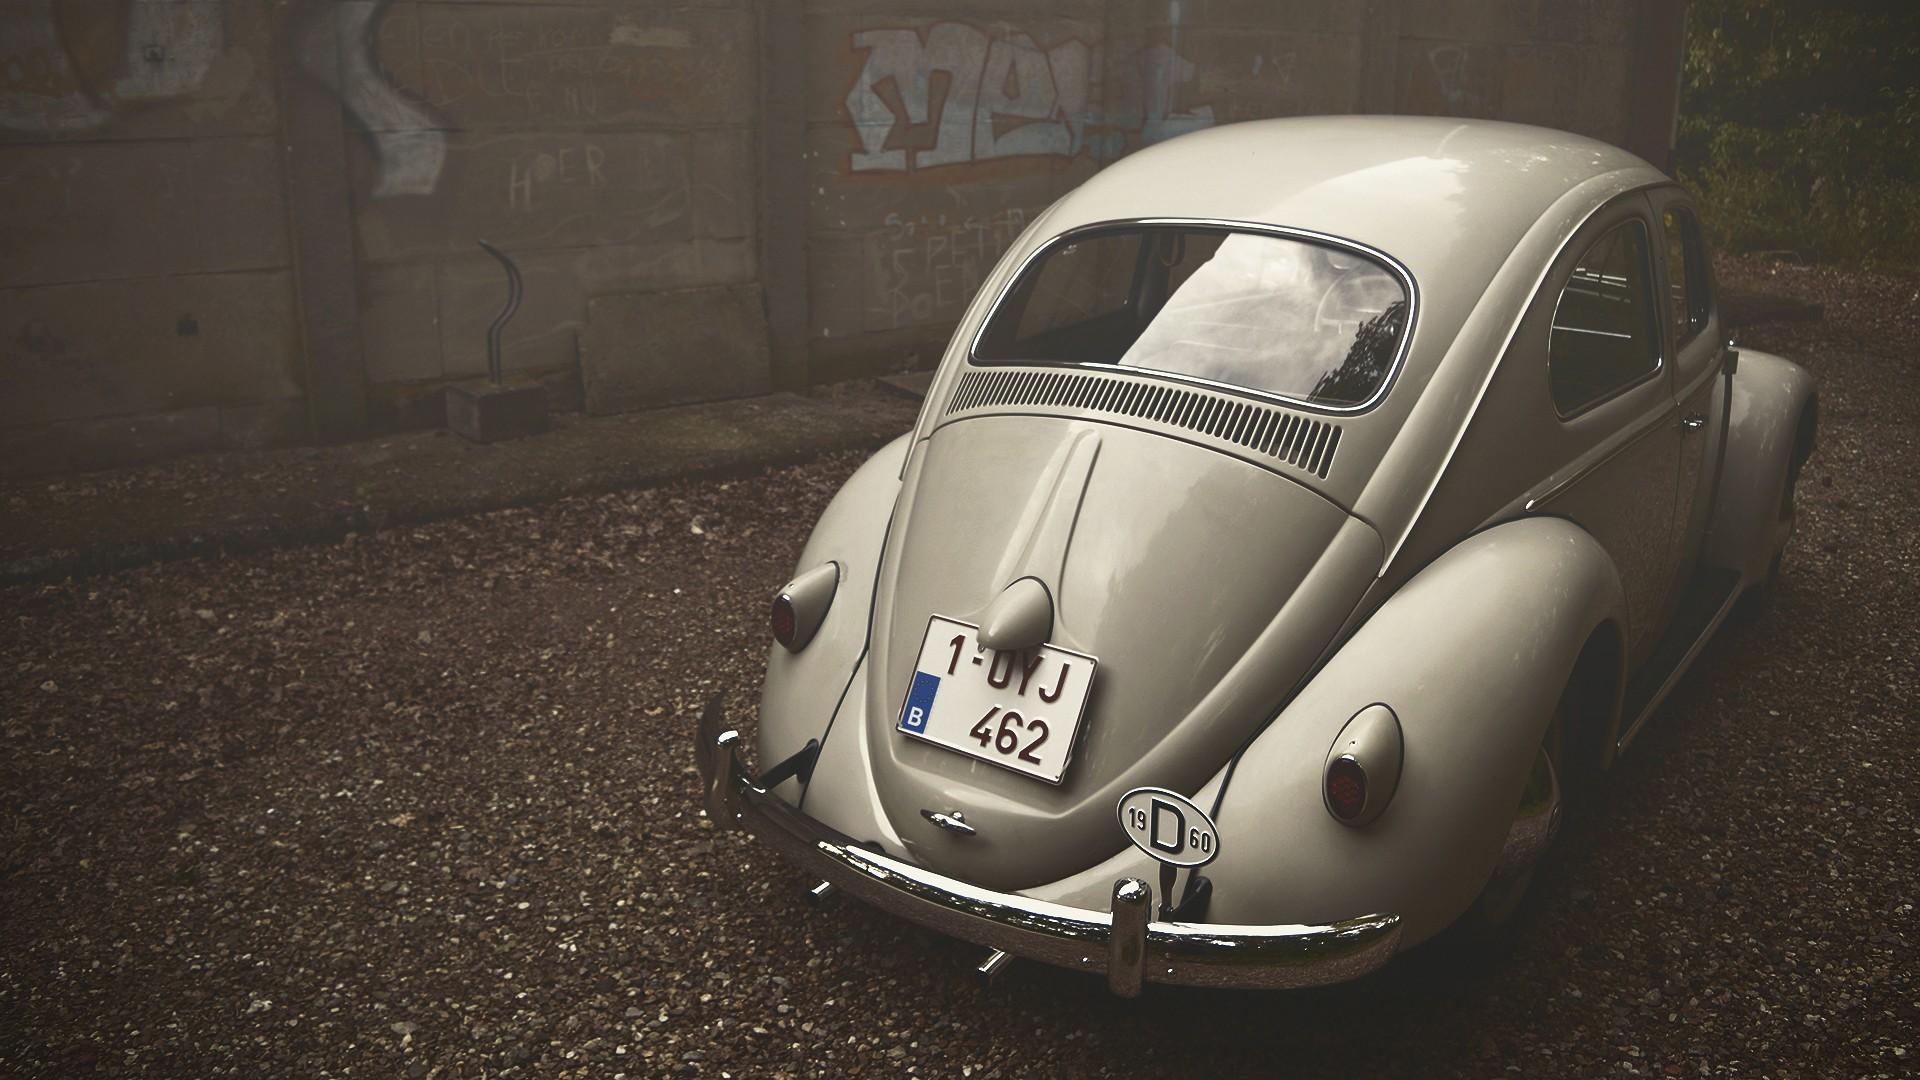 Volkswagen, Vintage, Oldtimer, Belgium, Car, Vehicle, Volkswagen Beetle  Wallpapers HD / Desktop and Mobile Backgrounds